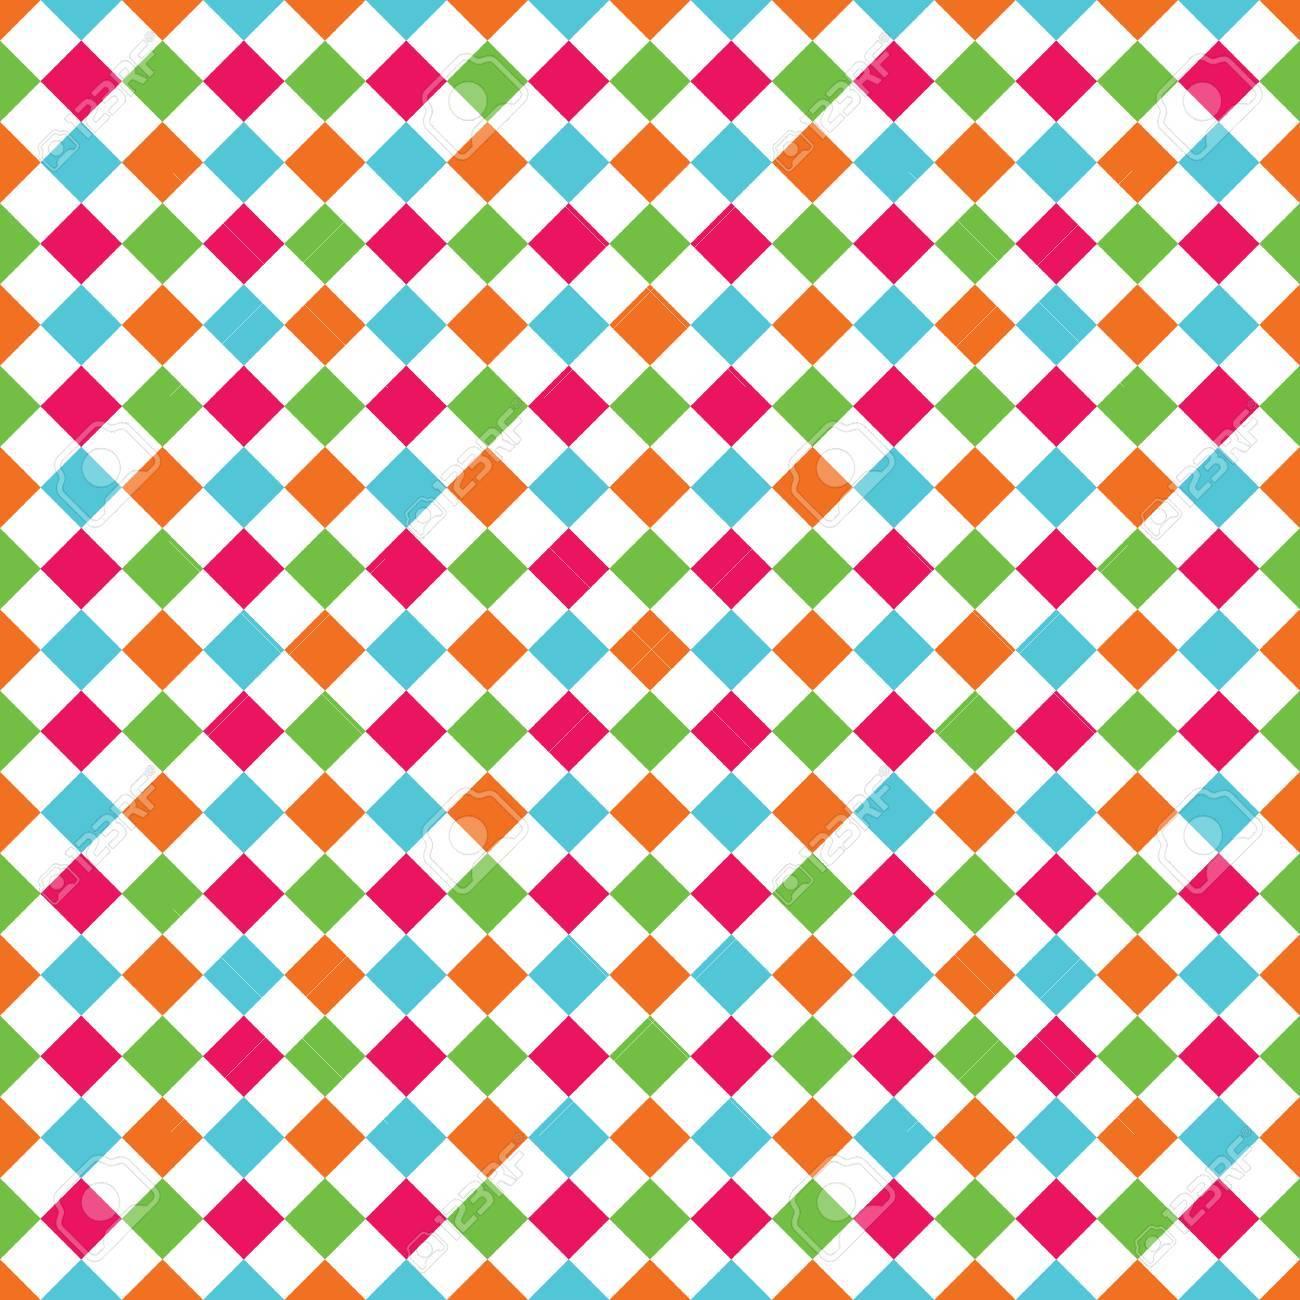 Helles Buntes Nahtloses Muster Für Babyart Vektor Illustration Für